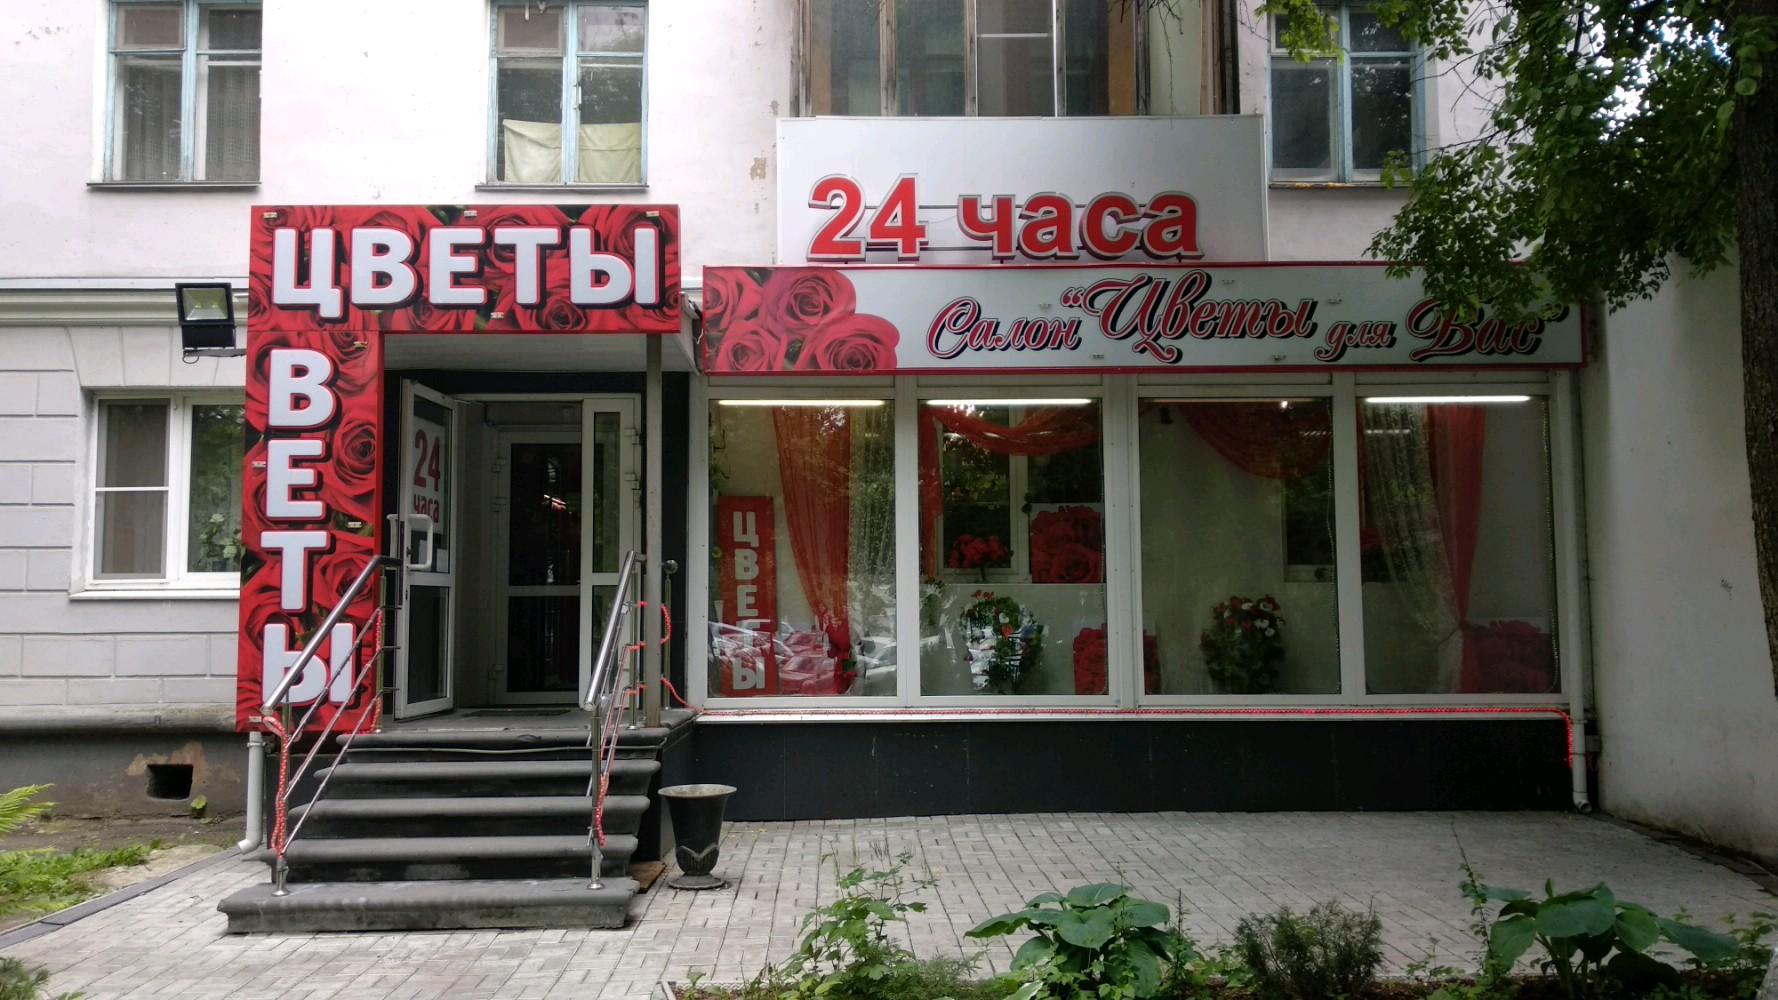 Цветы магазин для вас усть кинельский, магазины